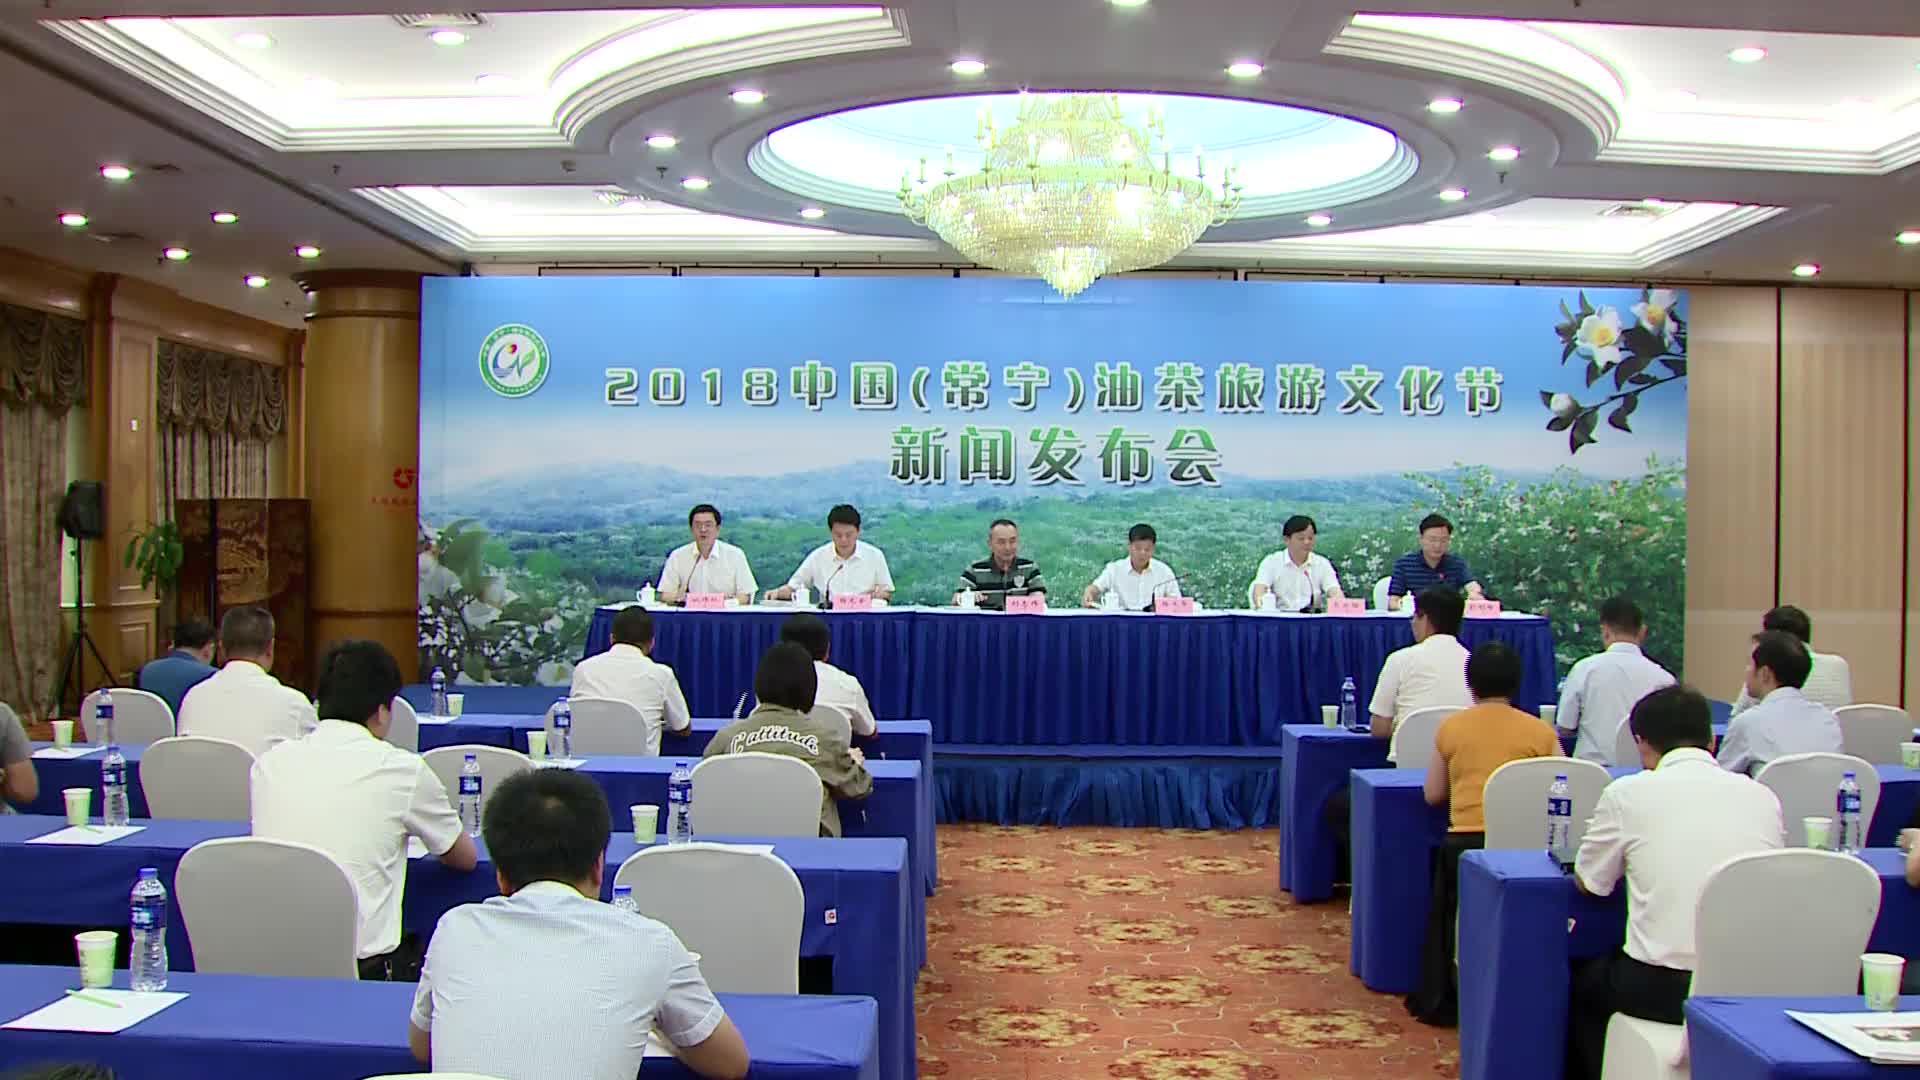 【全程回放】2018年中国(常宁)油茶旅游文化节新闻发布会